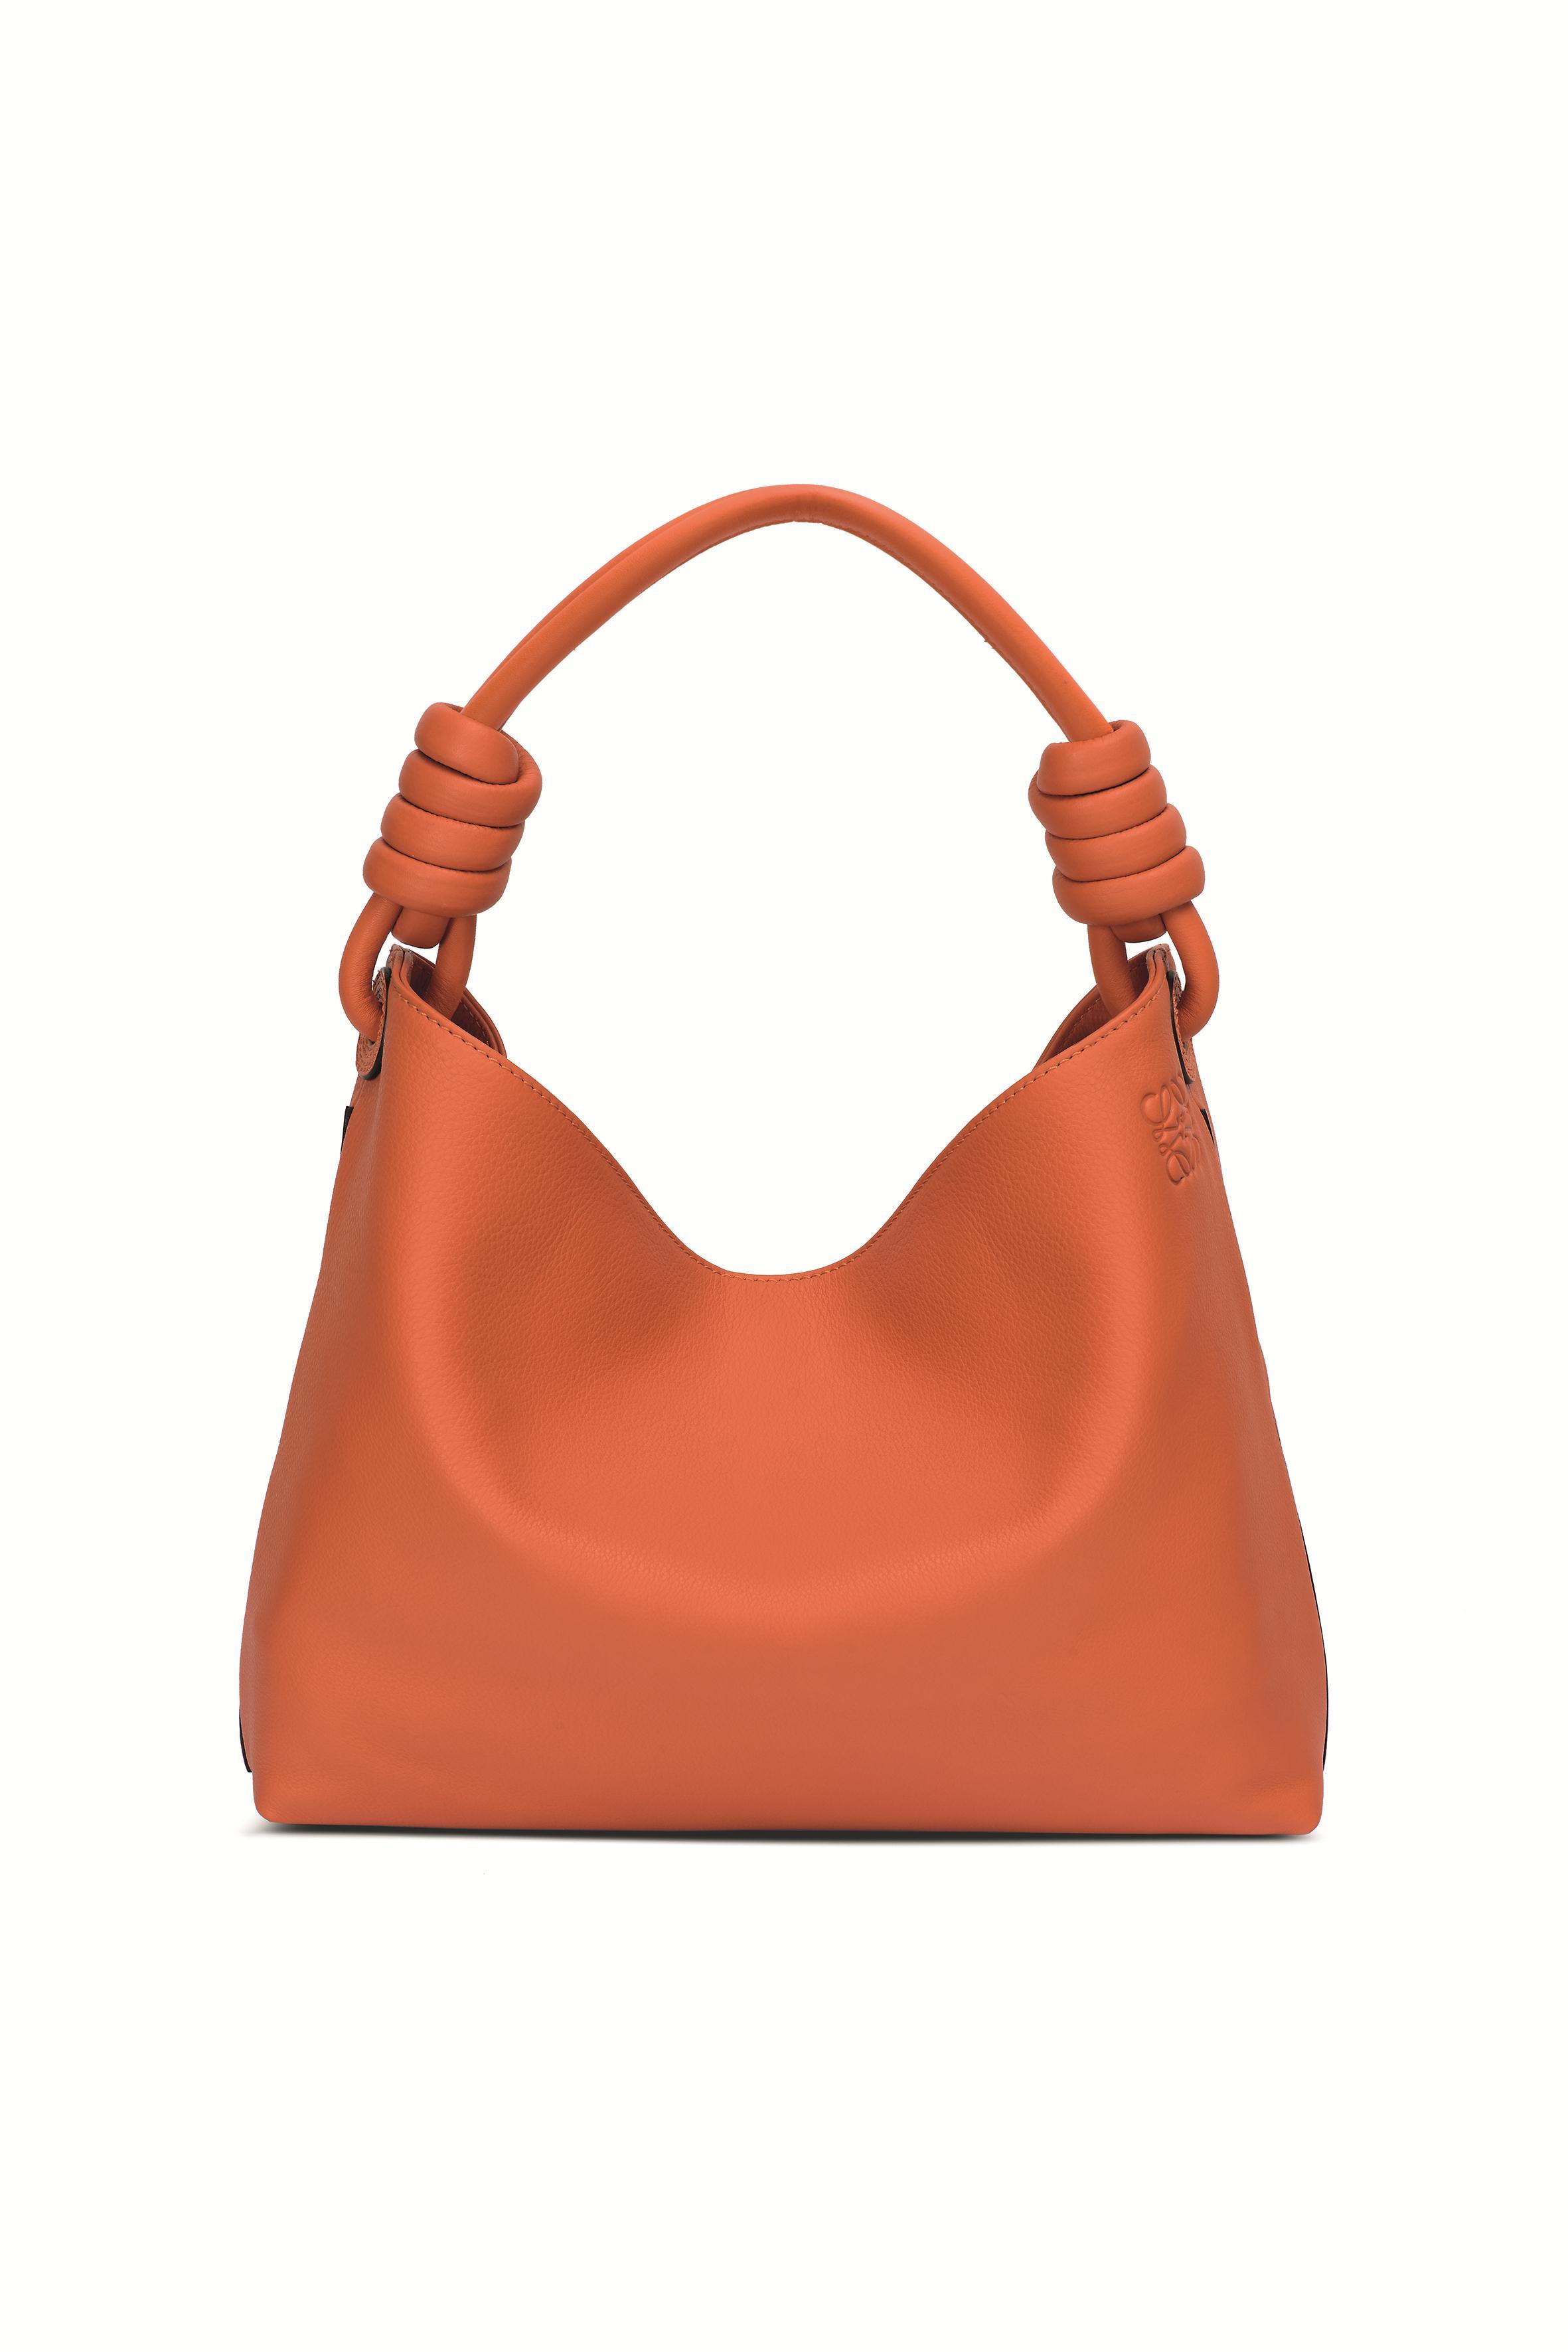 Flamenco Hobo珊瑚紅小型手袋 NT$65,000